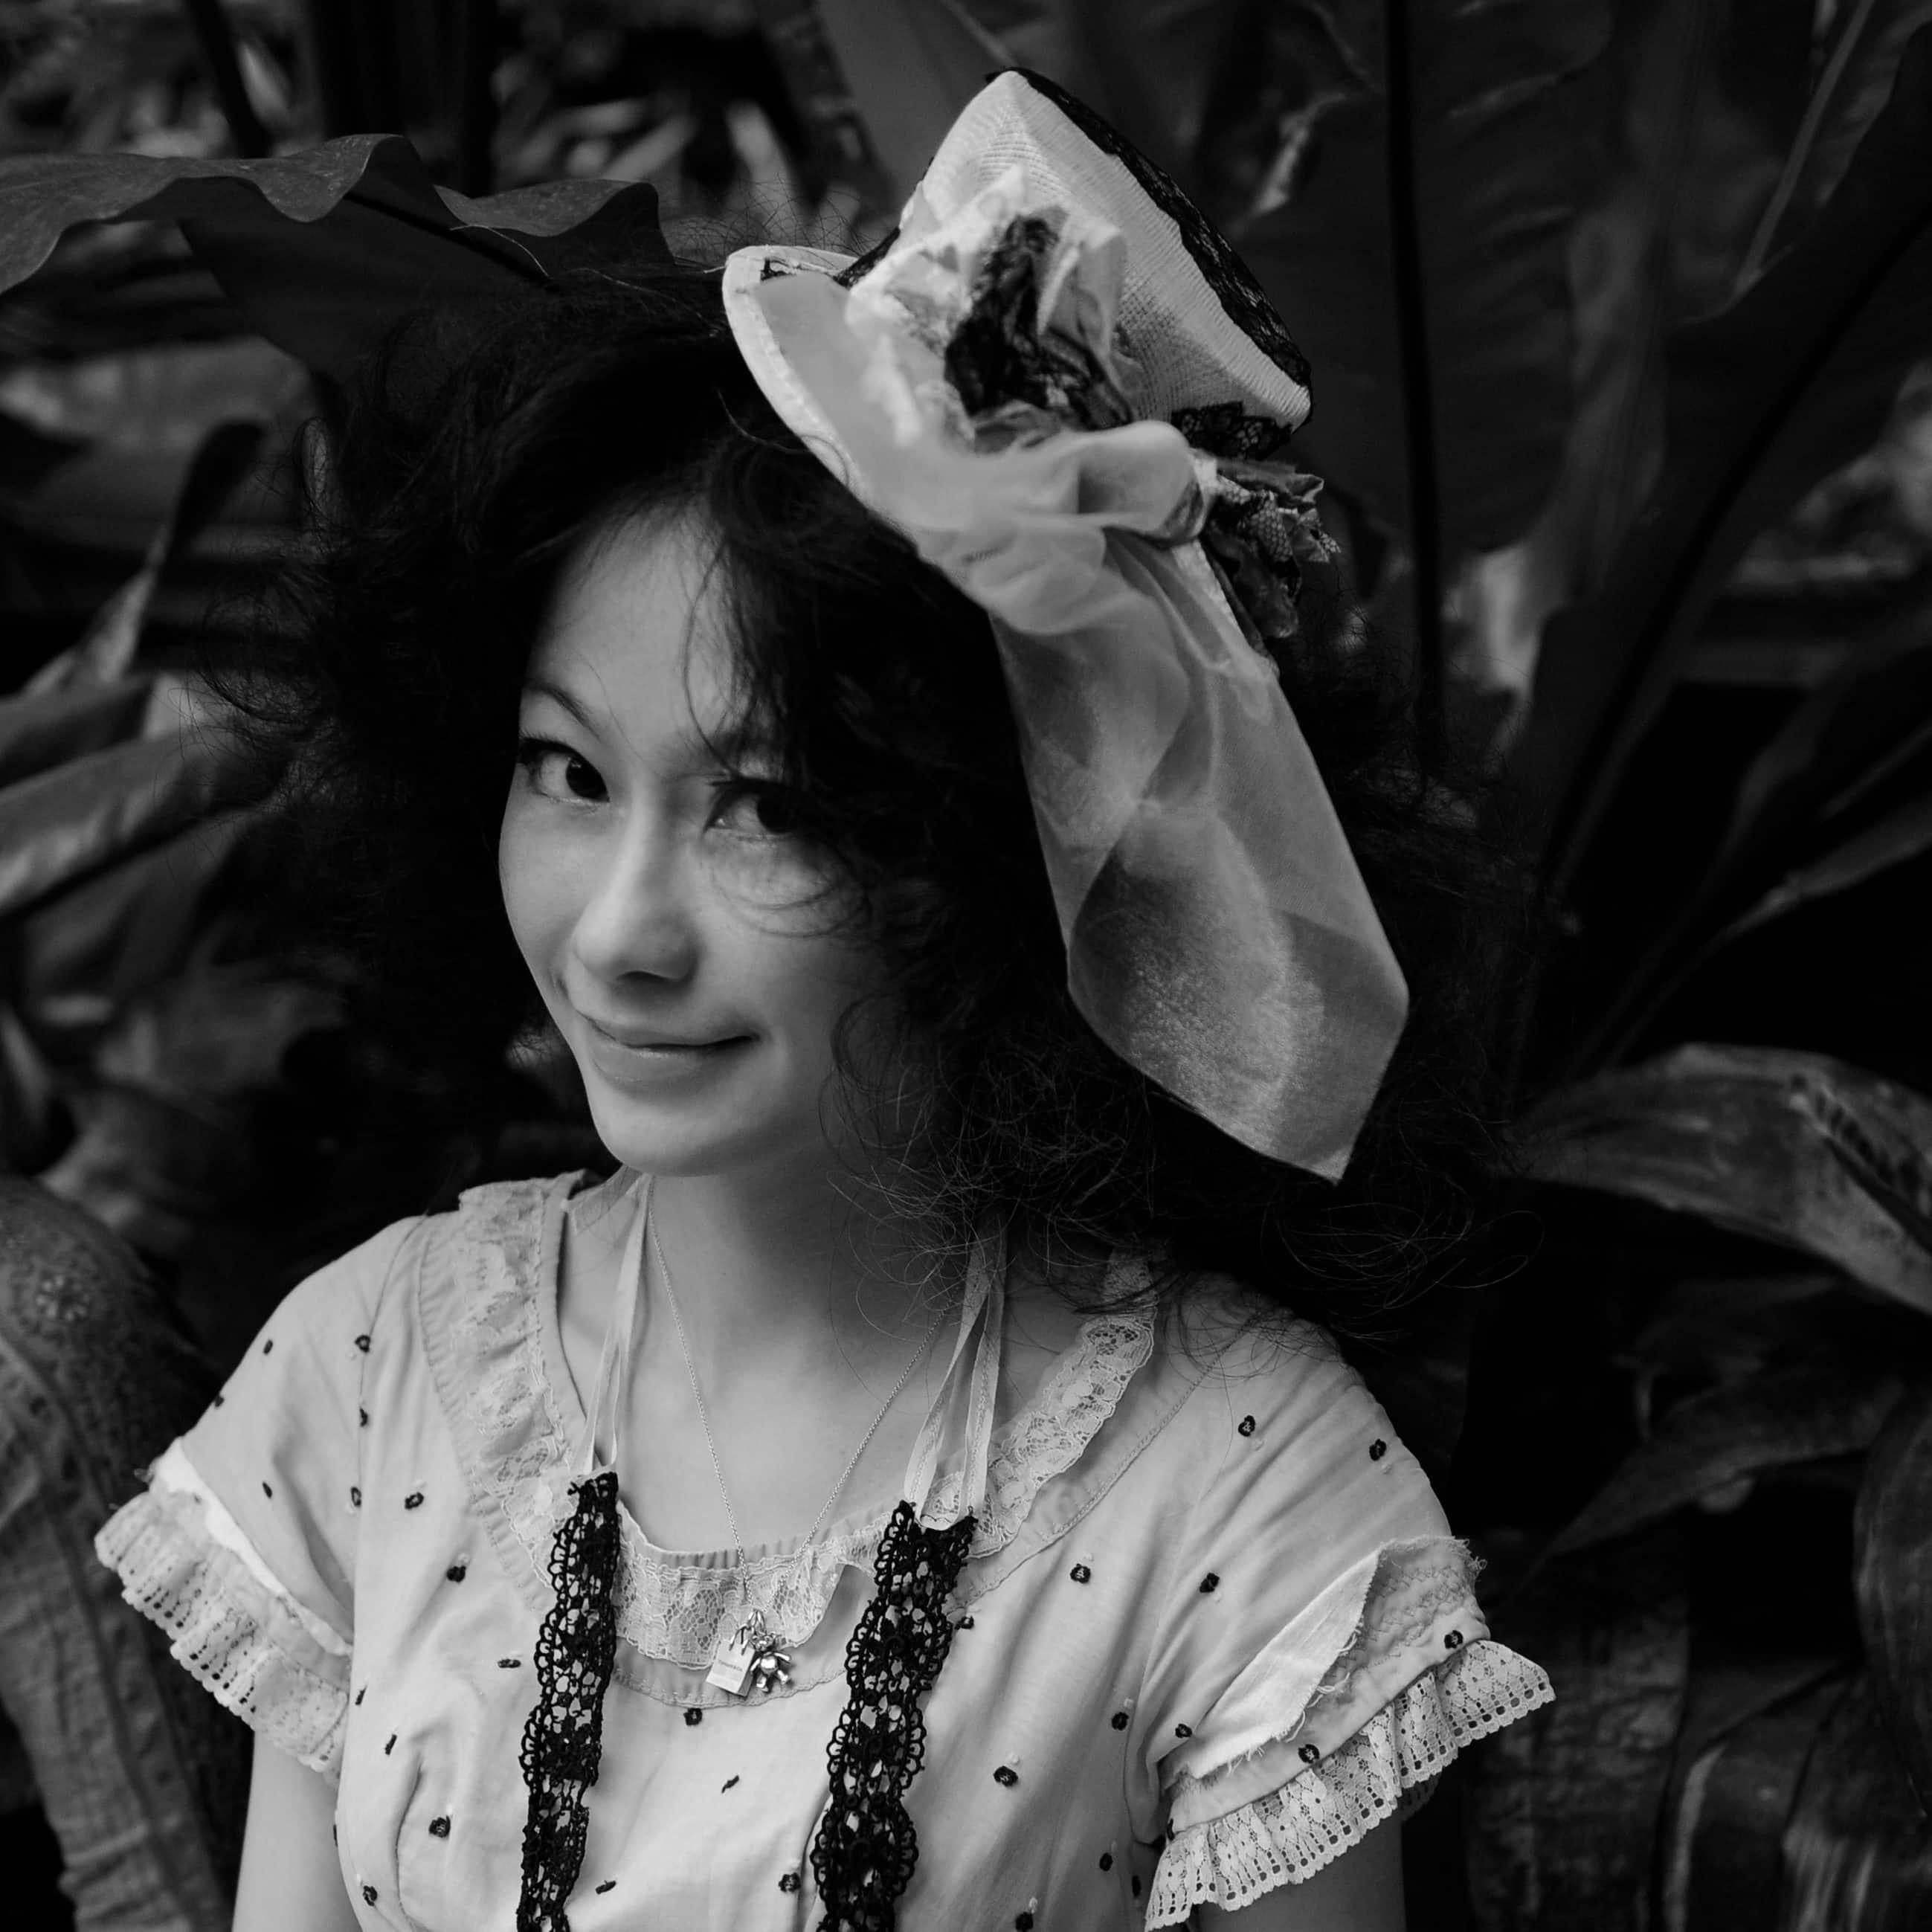 Chia-Wen Liu